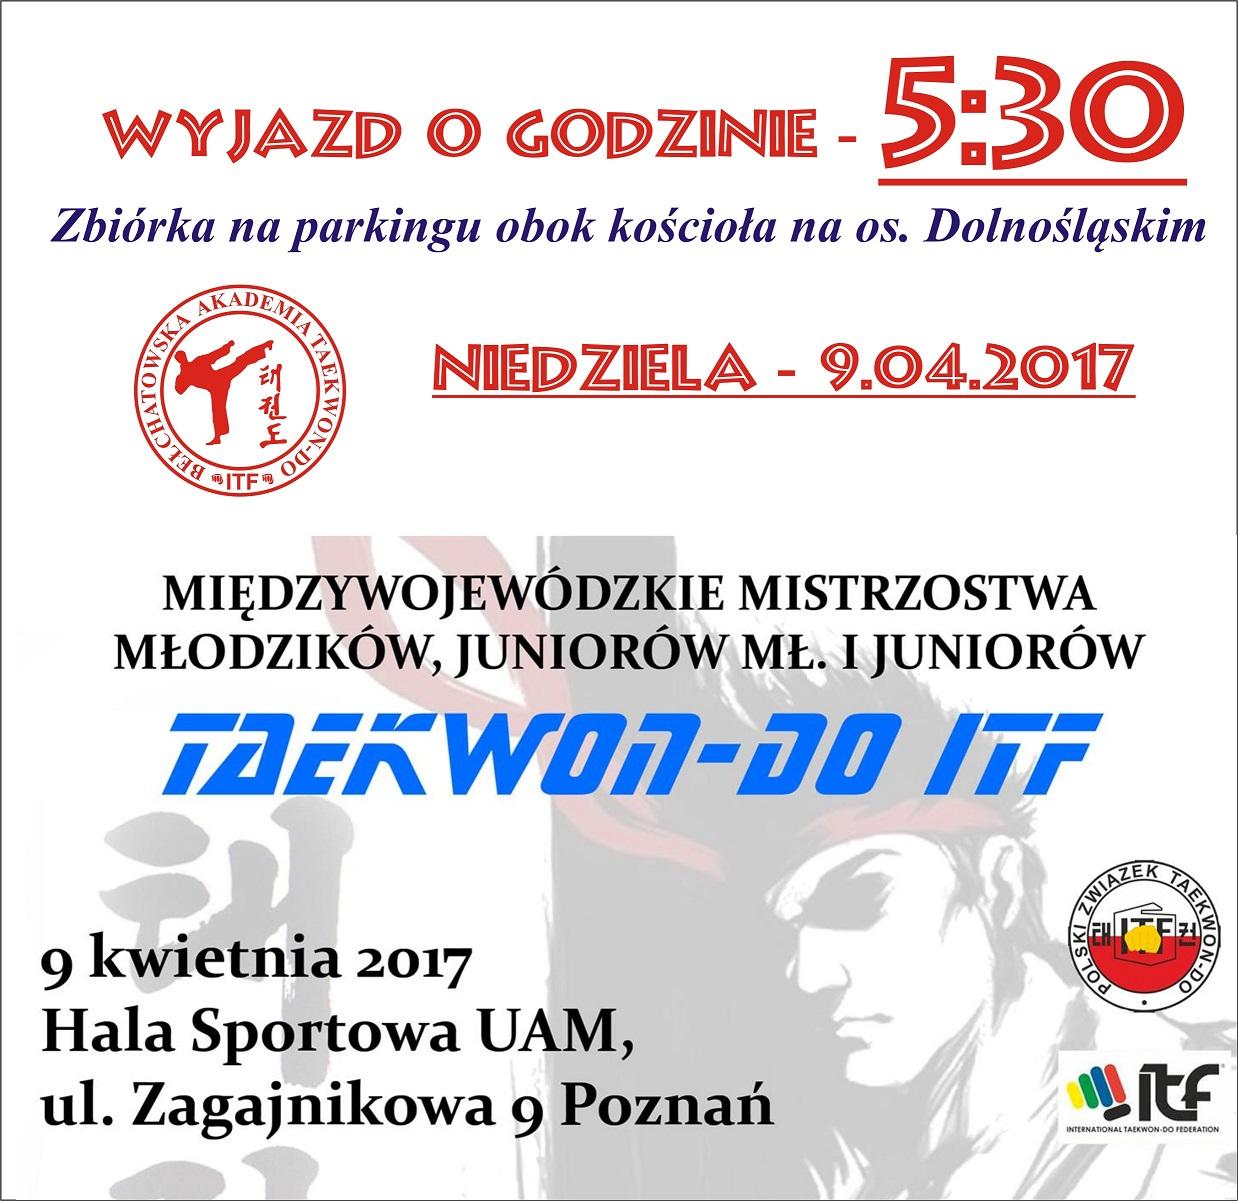 Wyjazd na MMM - Poznań 2017